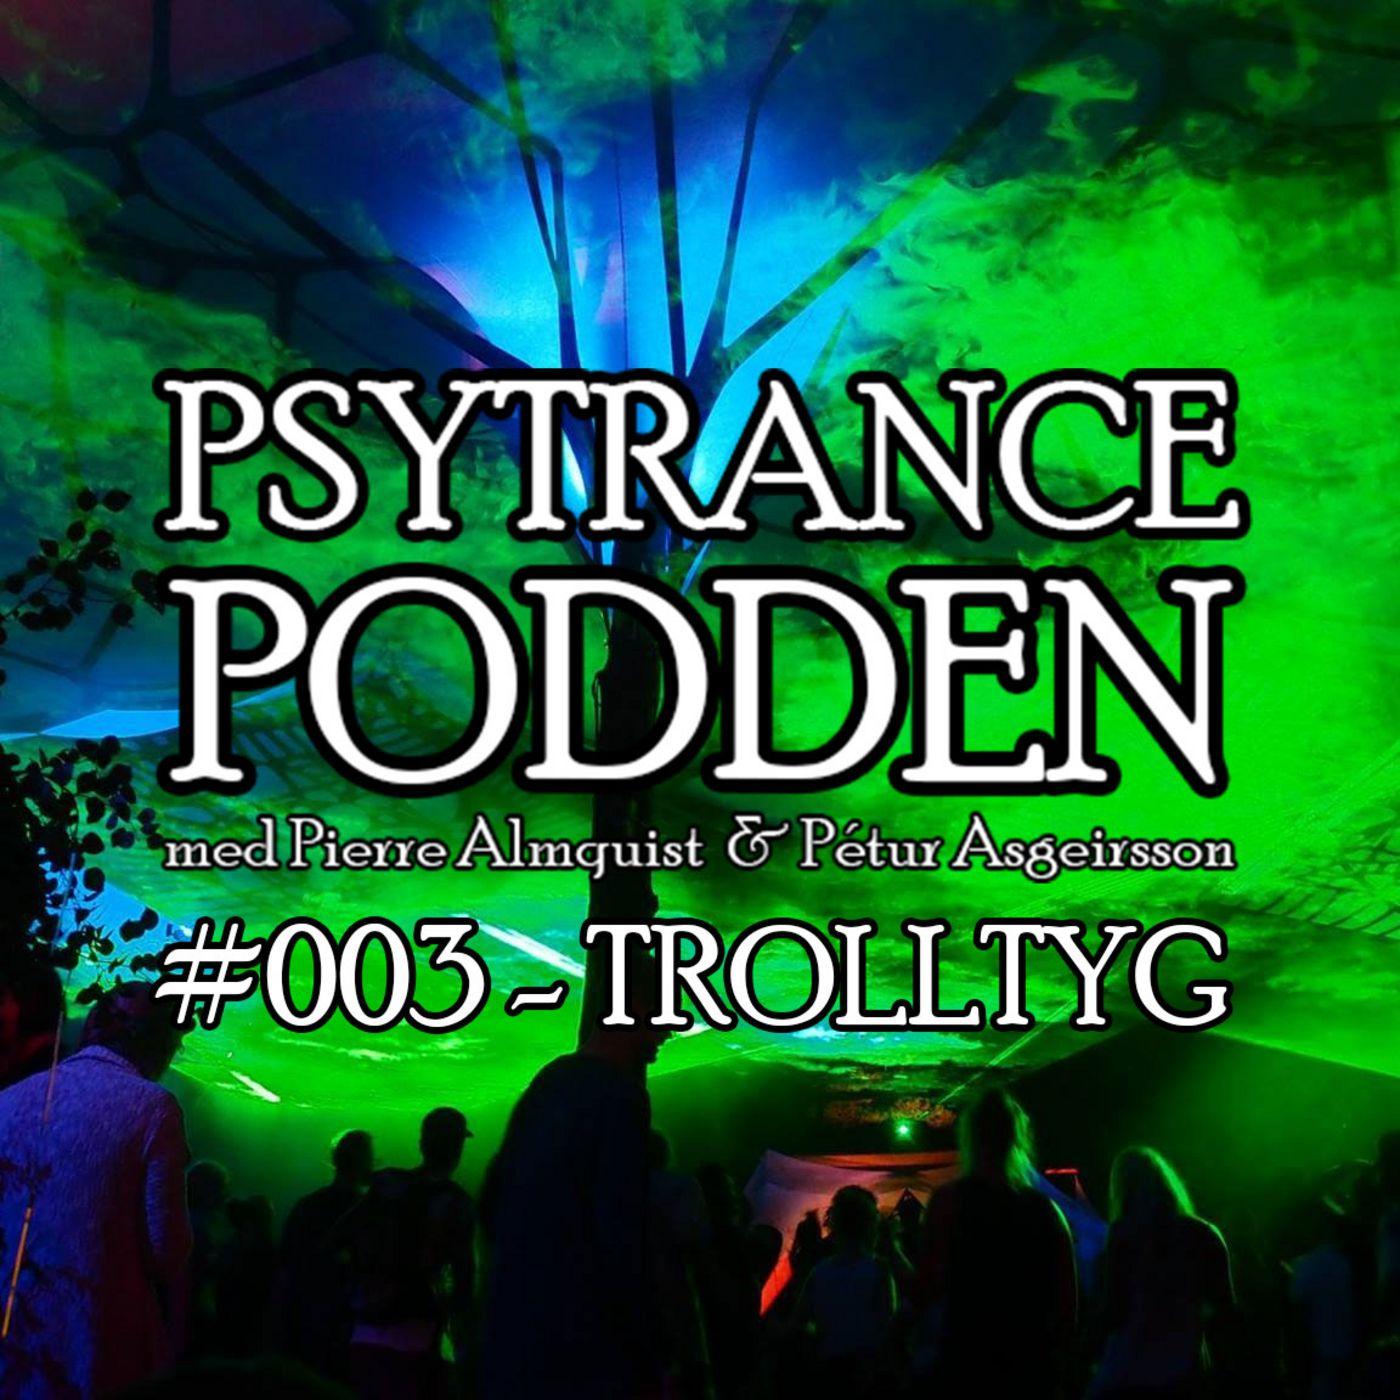 #003 - Trolltyg